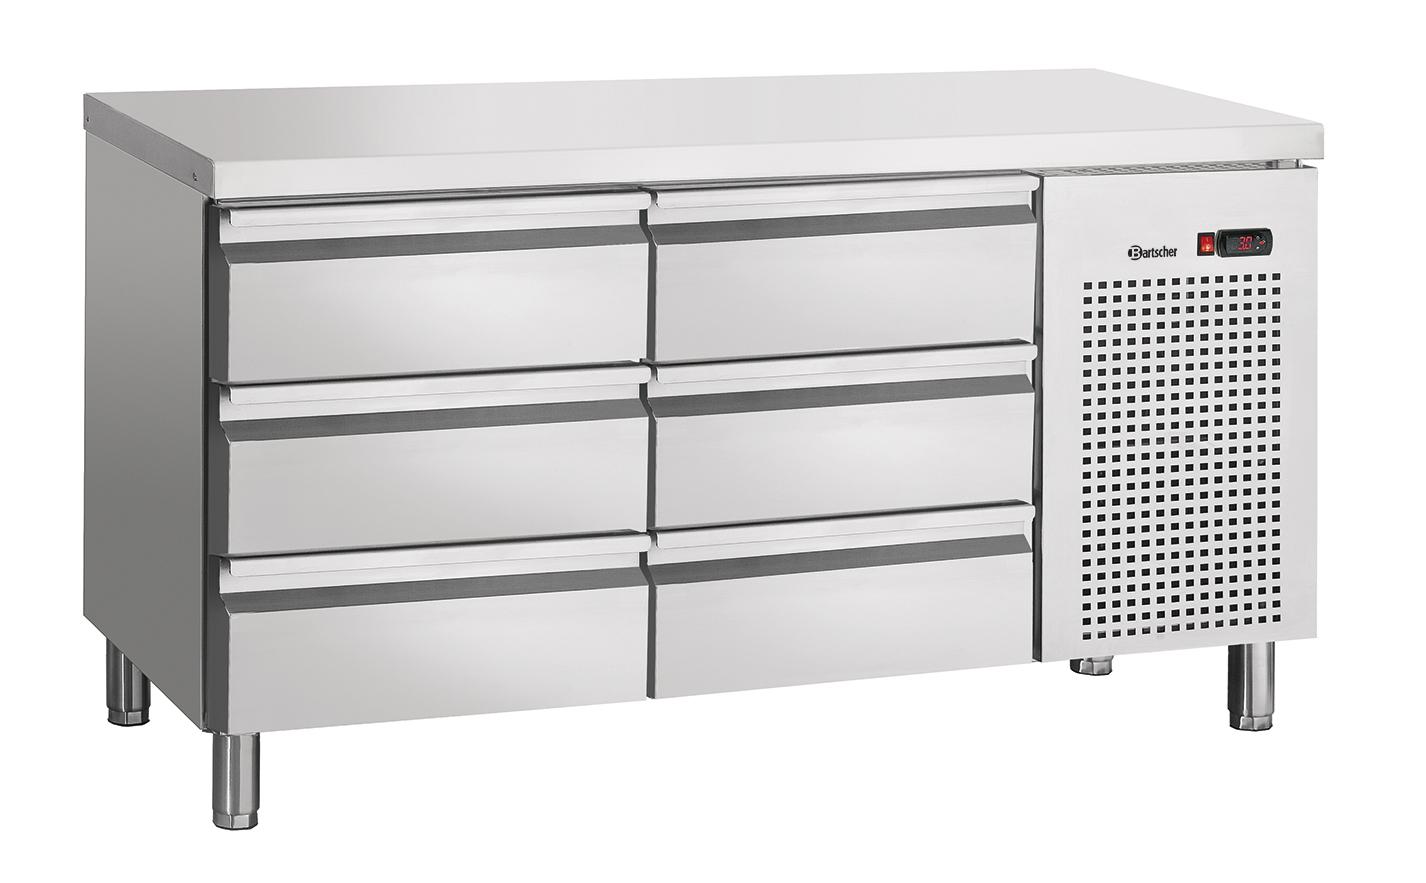 Bartscher Koeltafel S6-100 - 6 Lades - 134 x 70 x 85 cm - RVS